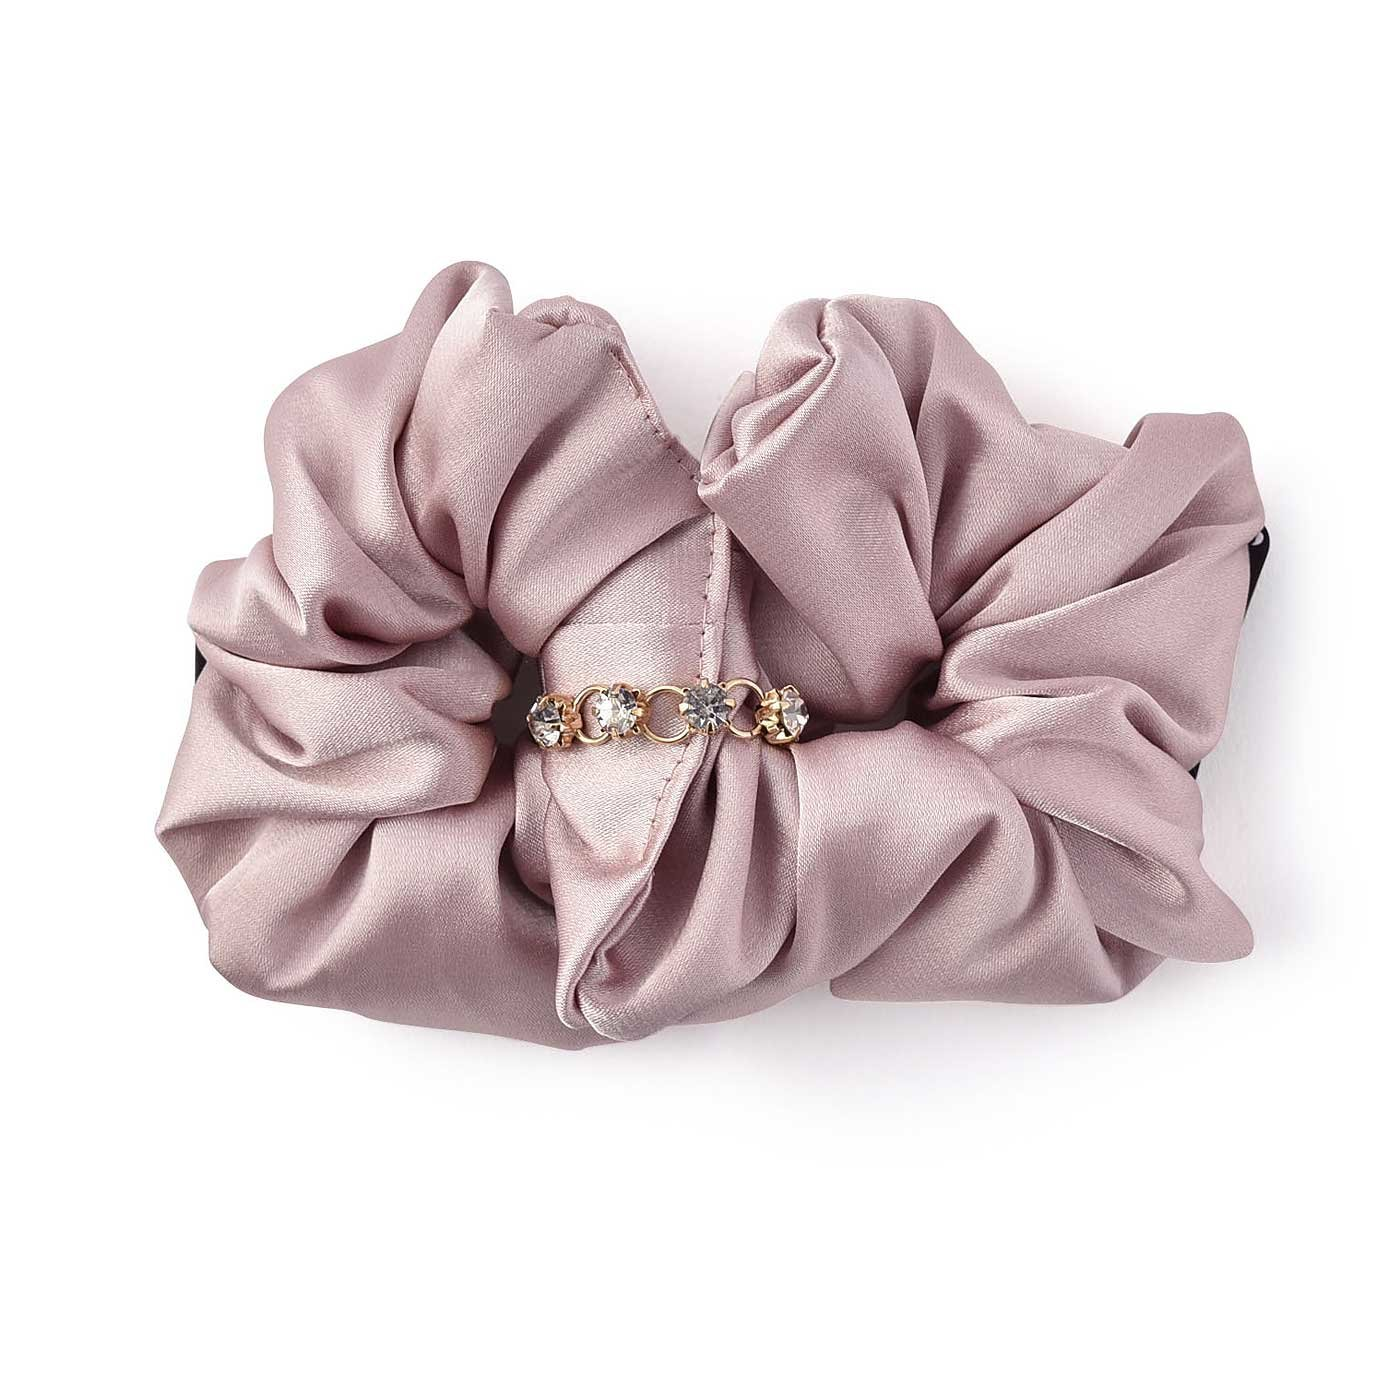 IEDIT カンタンアレンジで華やか 大人カラーをセレクトした バレッシュ(R)〈ピンク〉